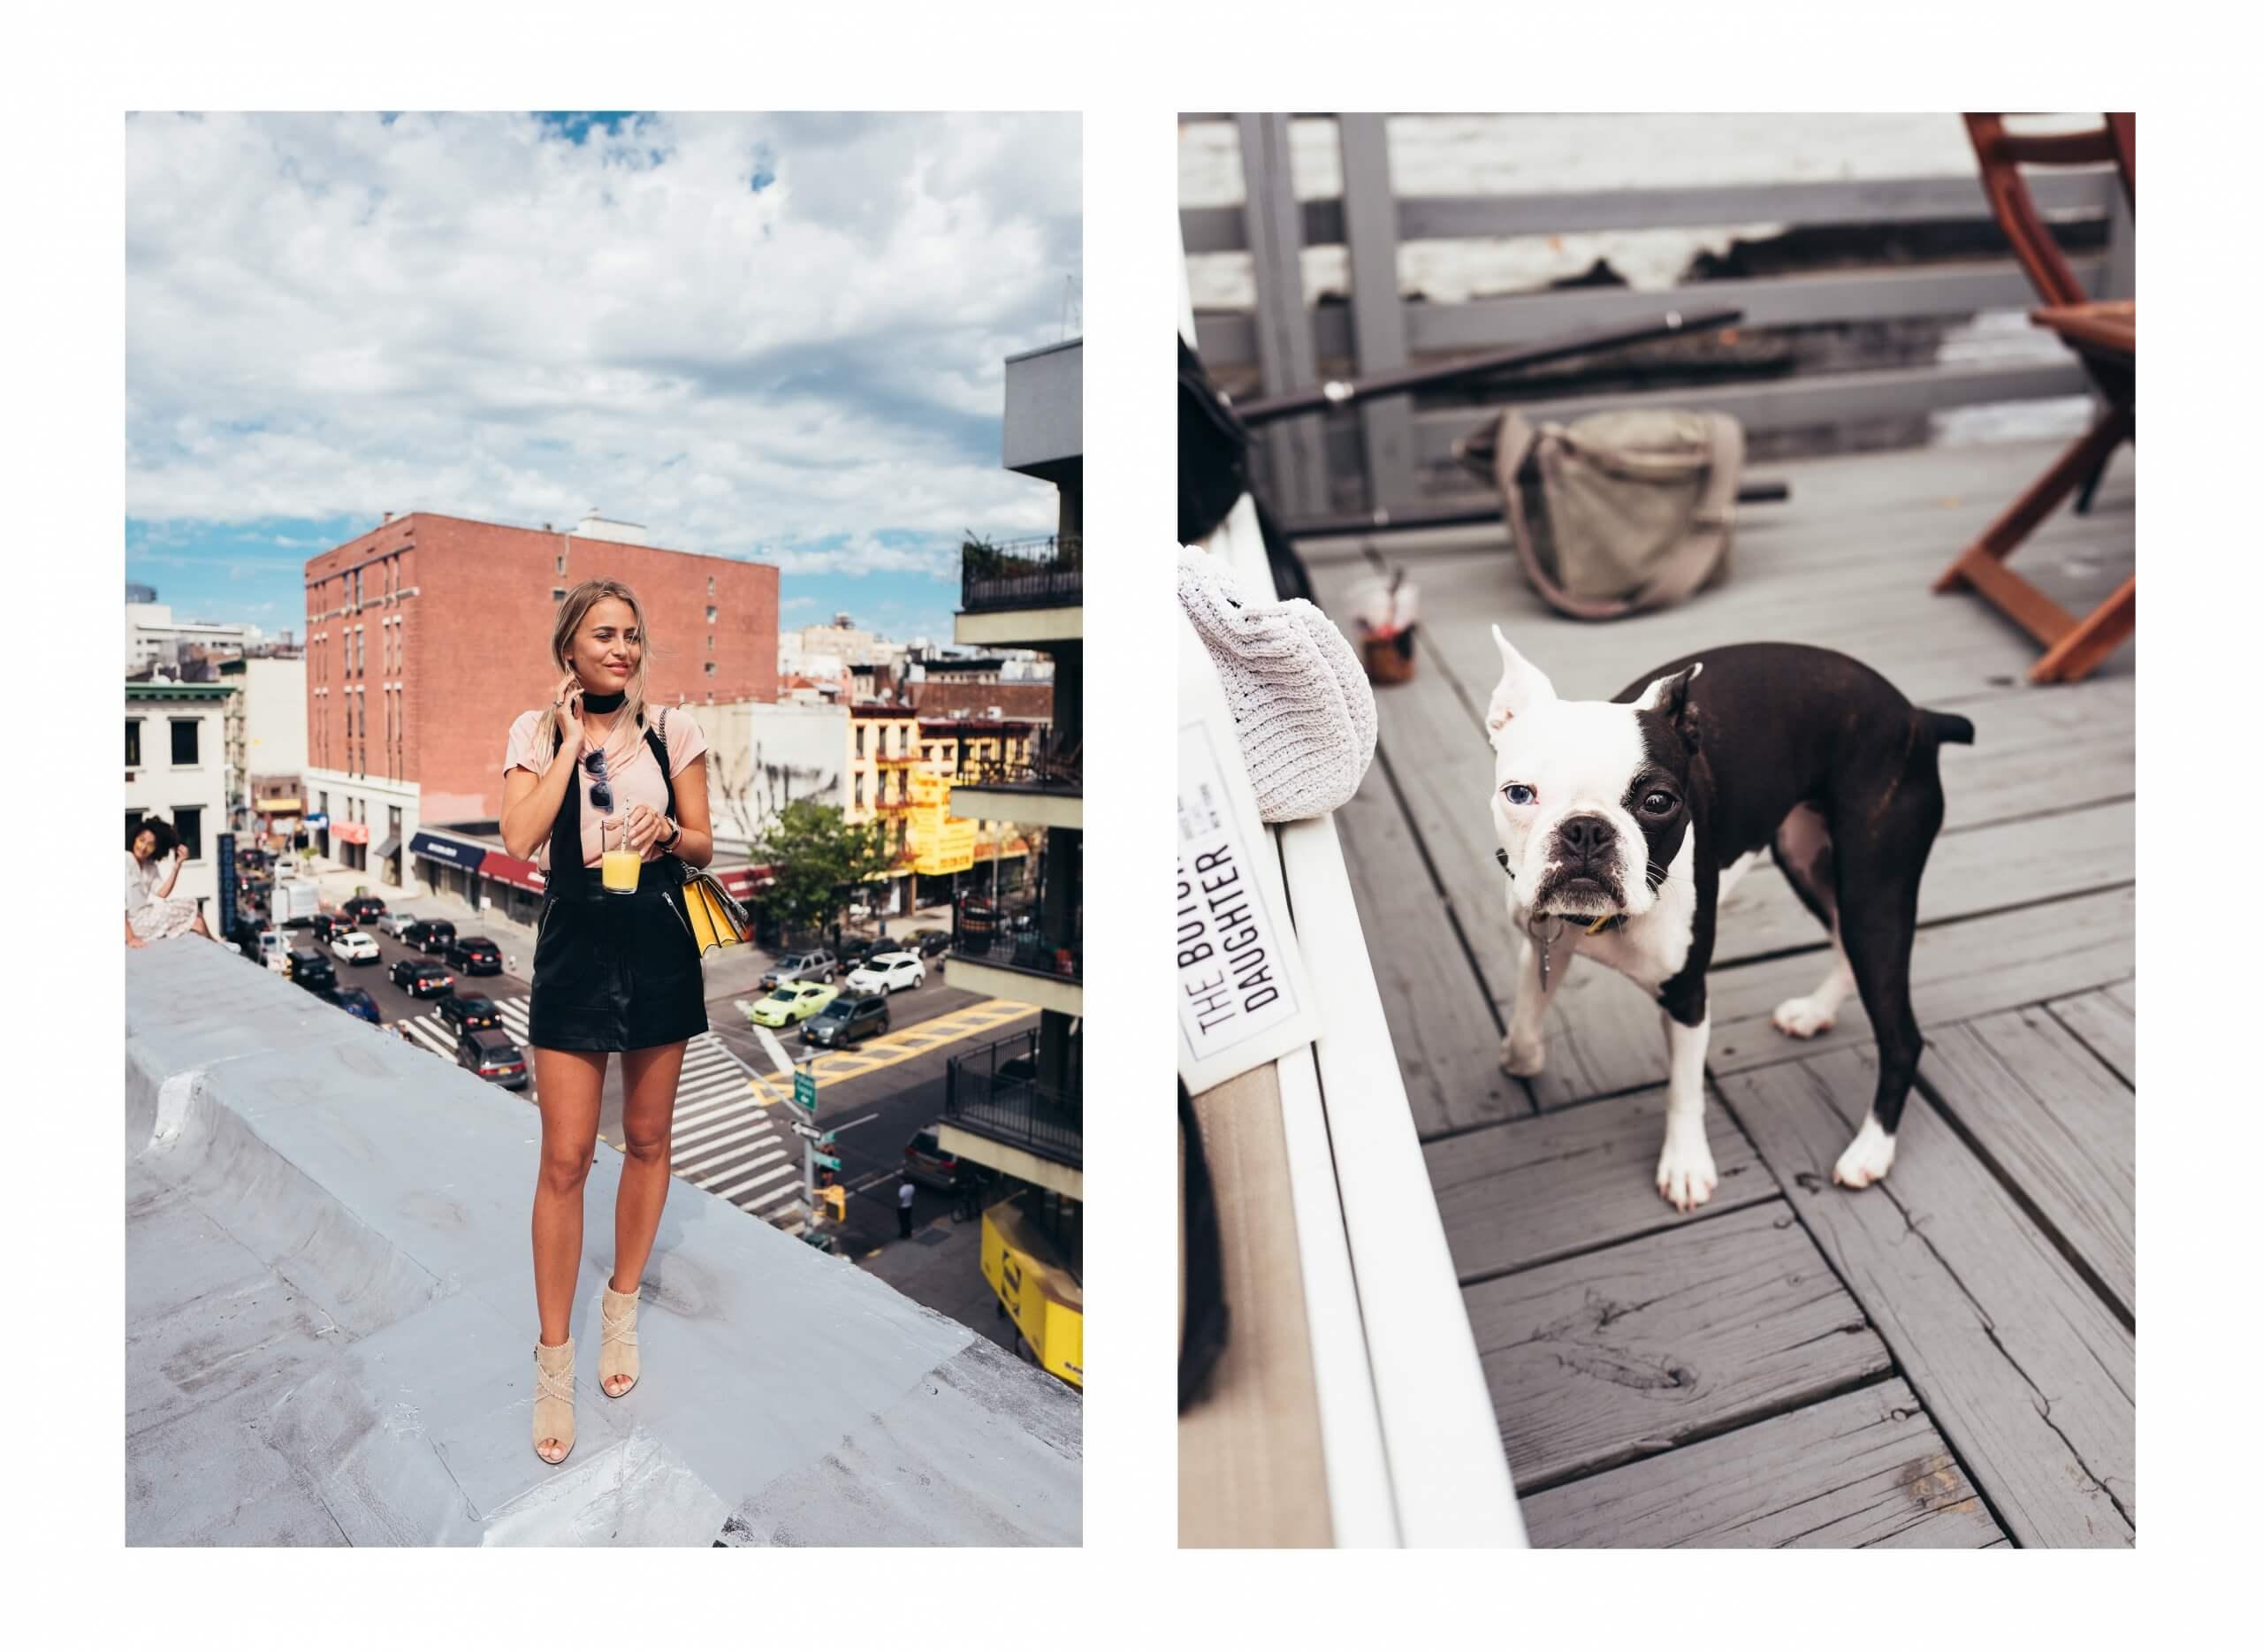 janni-deler-rooftop-brunchL1070795 copy